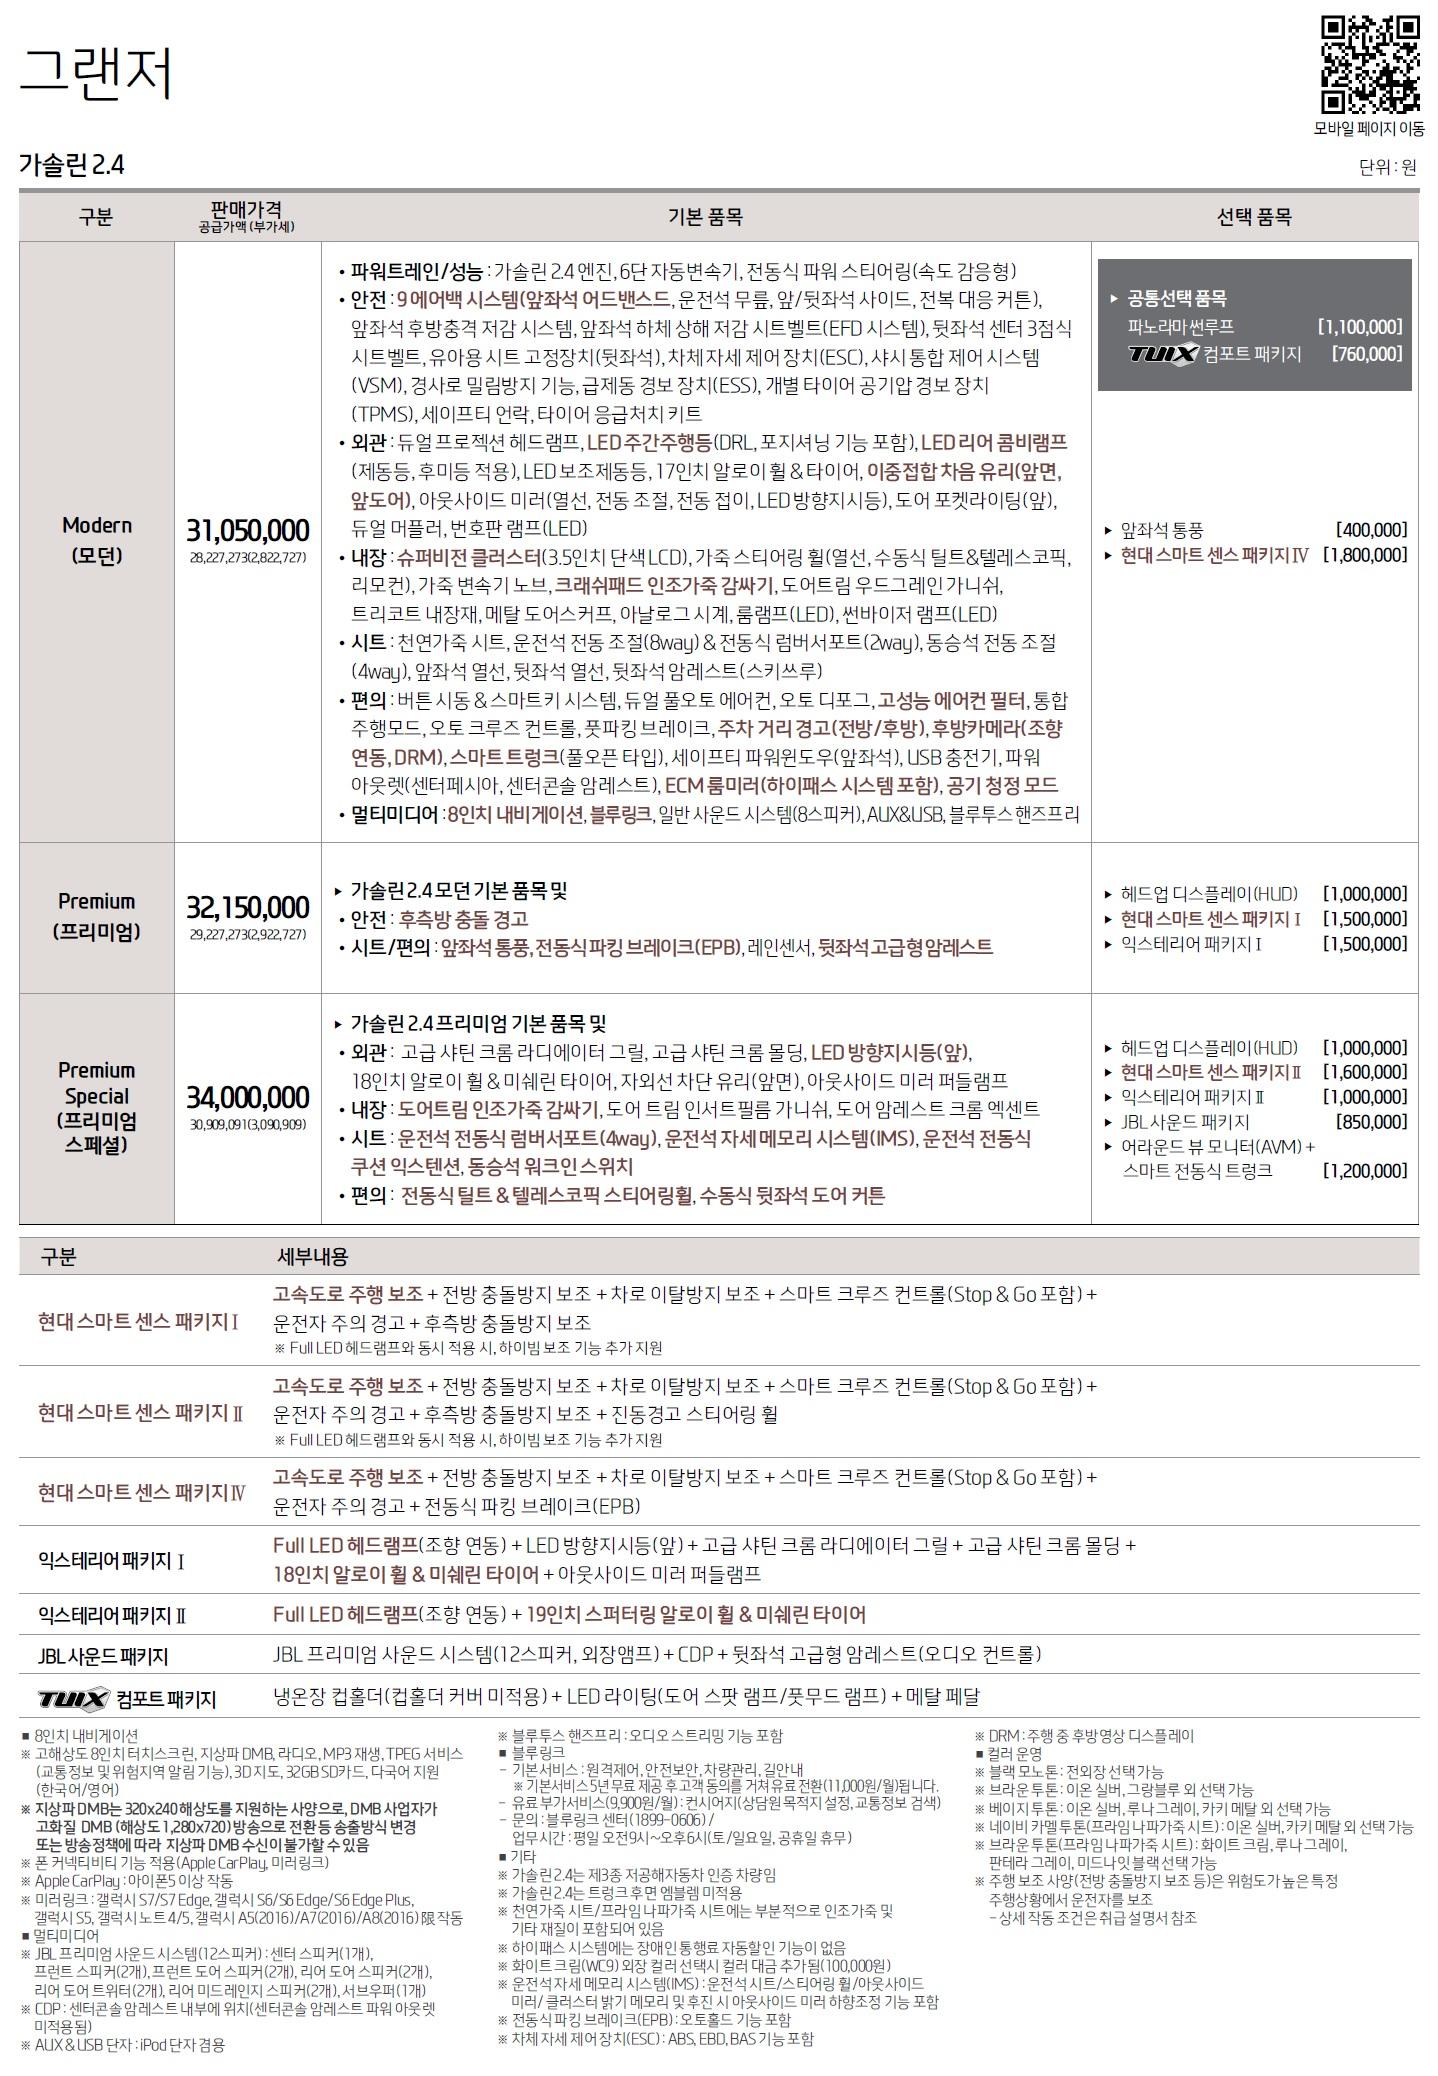 그랜저IG 가격표 - 2017년 11월 -1.jpg